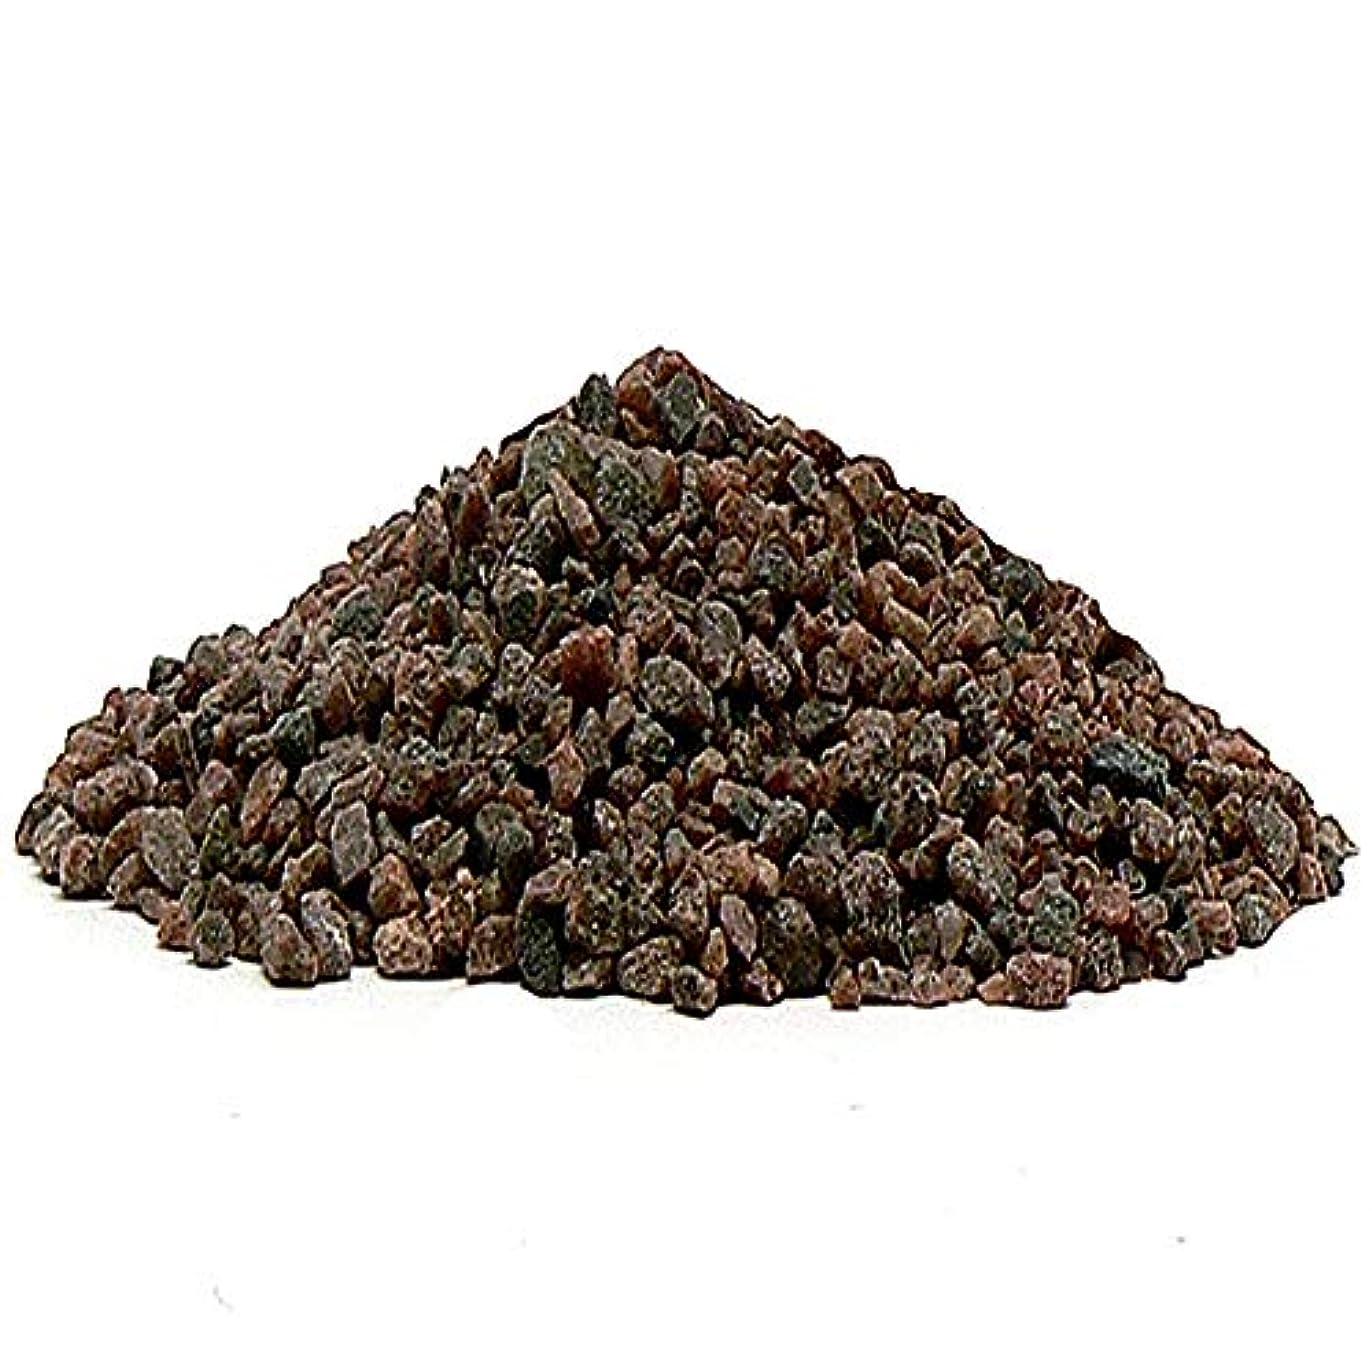 窒息させるまた明日ね達成増量中! ヒマラヤ岩塩 ブラックソルト 入浴用 バスソルト(小粒) 黒岩塩 (2kg+300g増量)